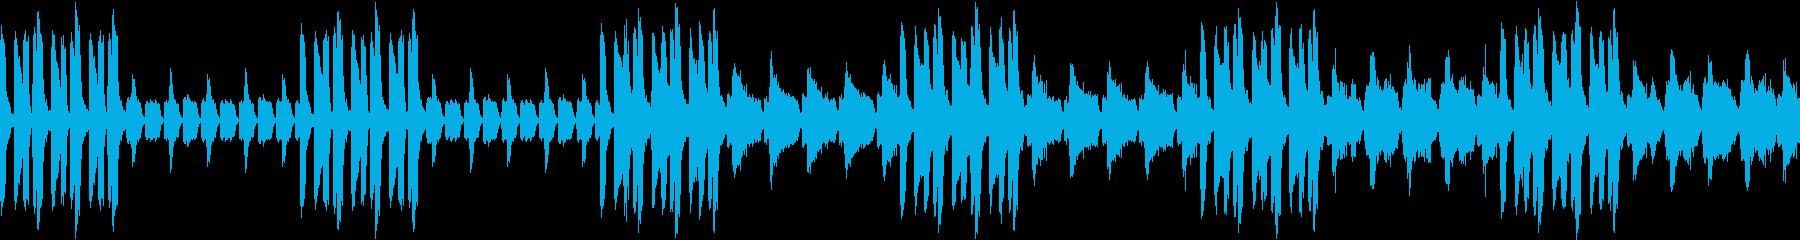 おかしな人みたいな曲(ループ仕様)の再生済みの波形